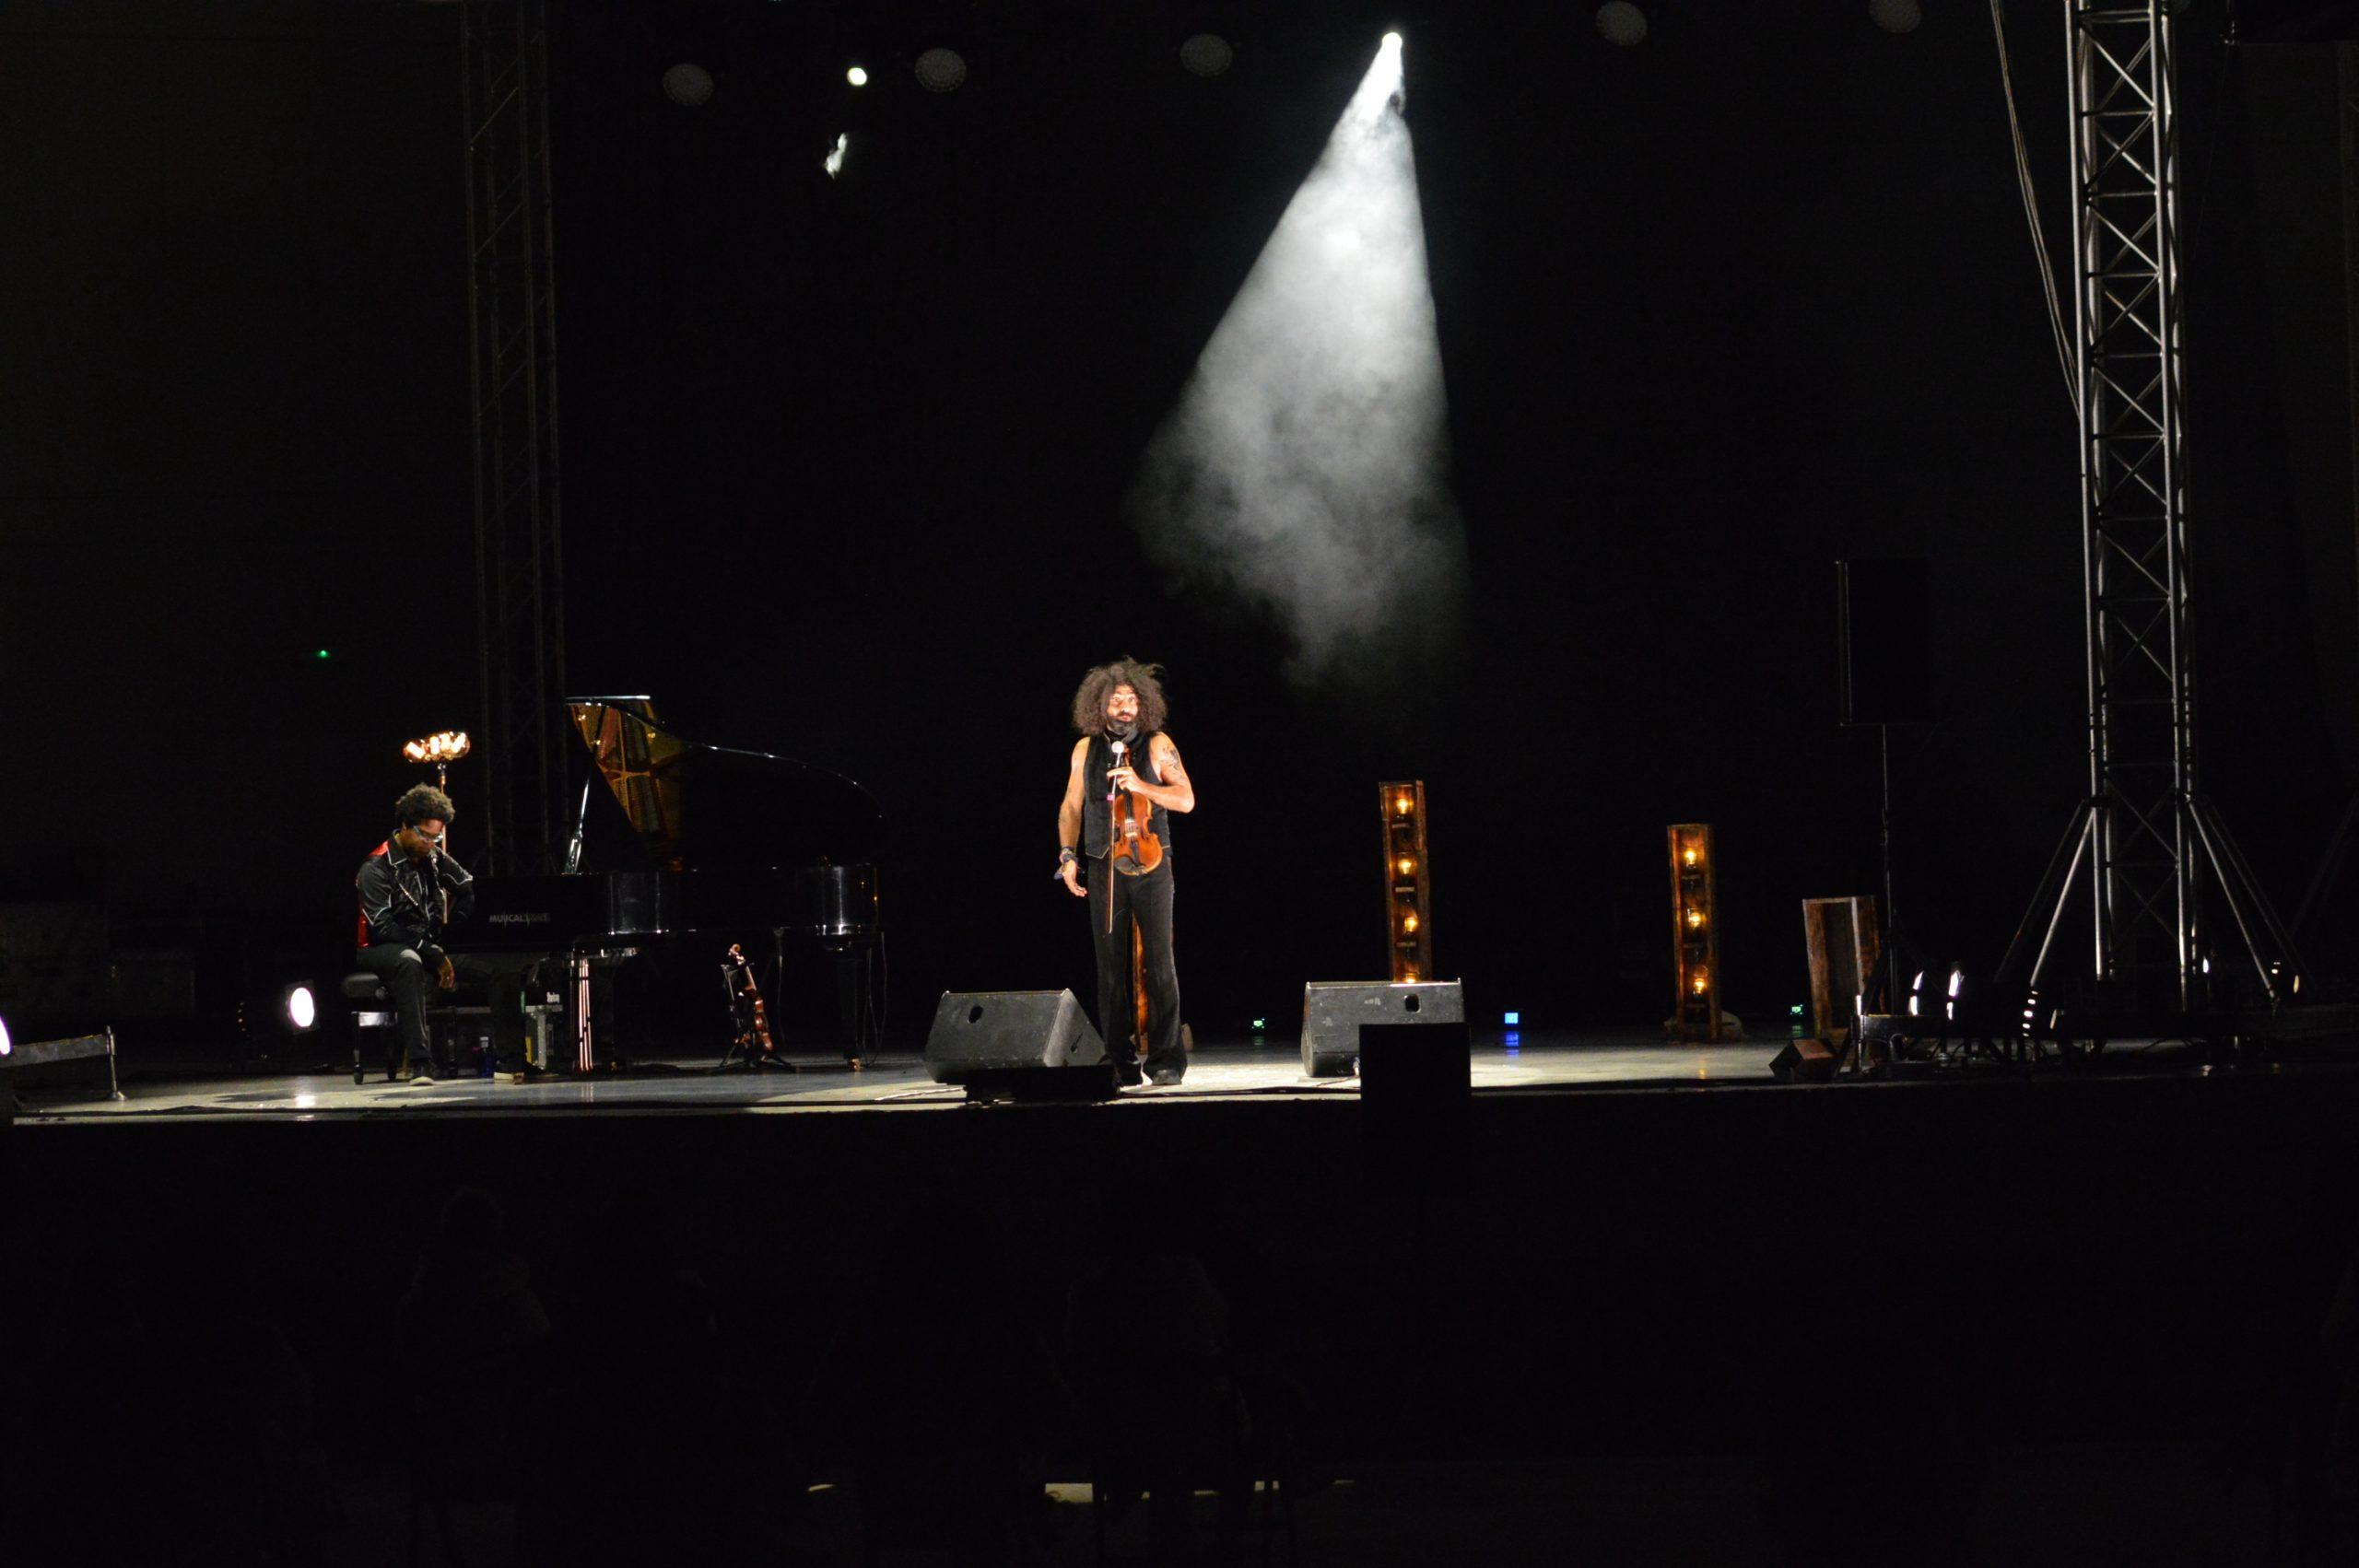 Ara Malikian emociona en su regreso a Ponferrada demostrando una vez más su virtuosismo con el violín 28